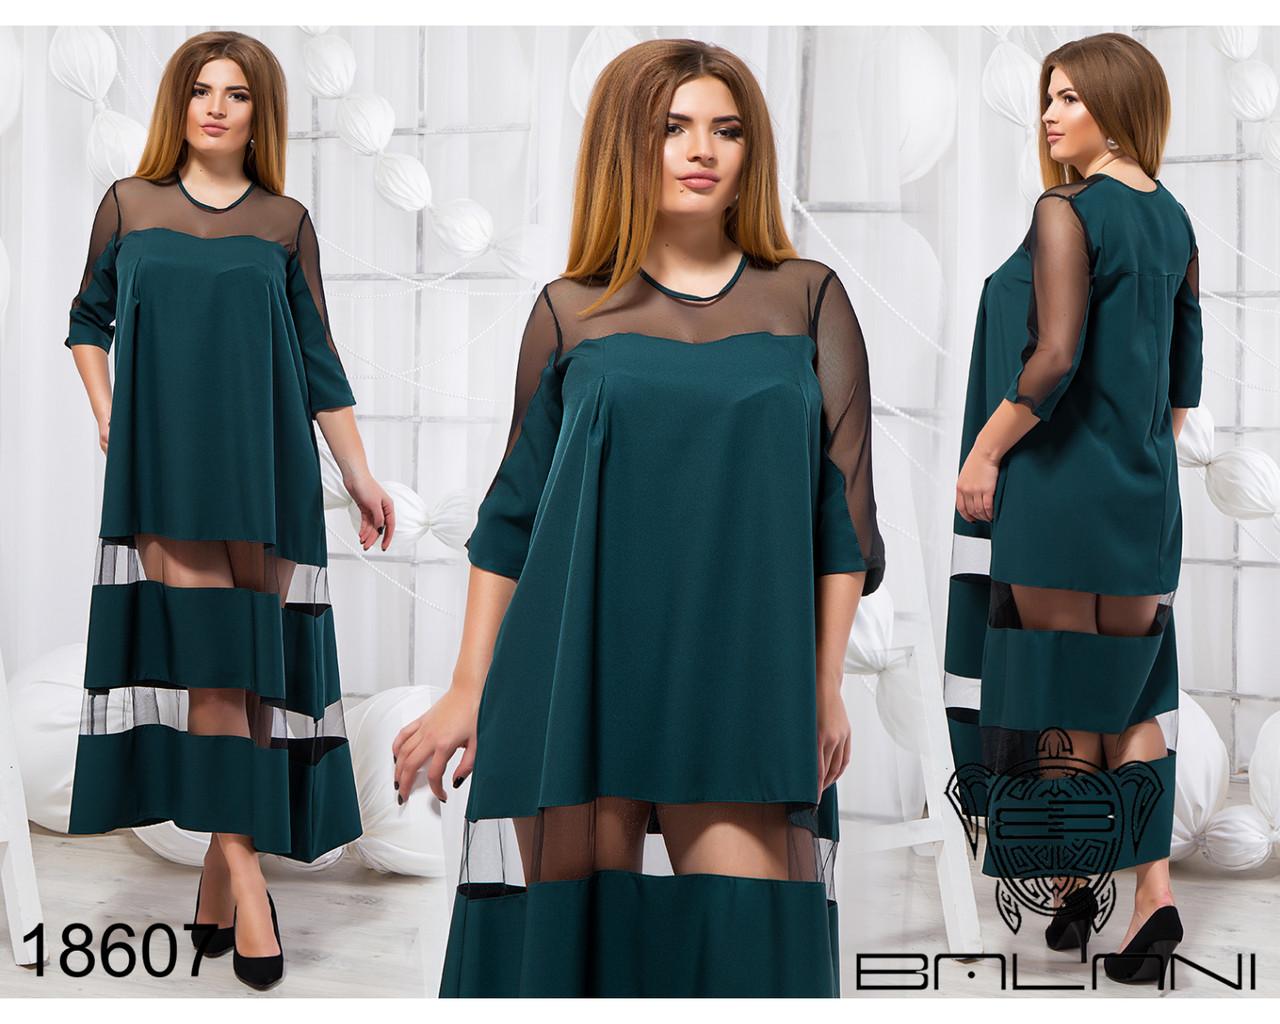 Стильное платье - 18607 Темно-зеленое/48